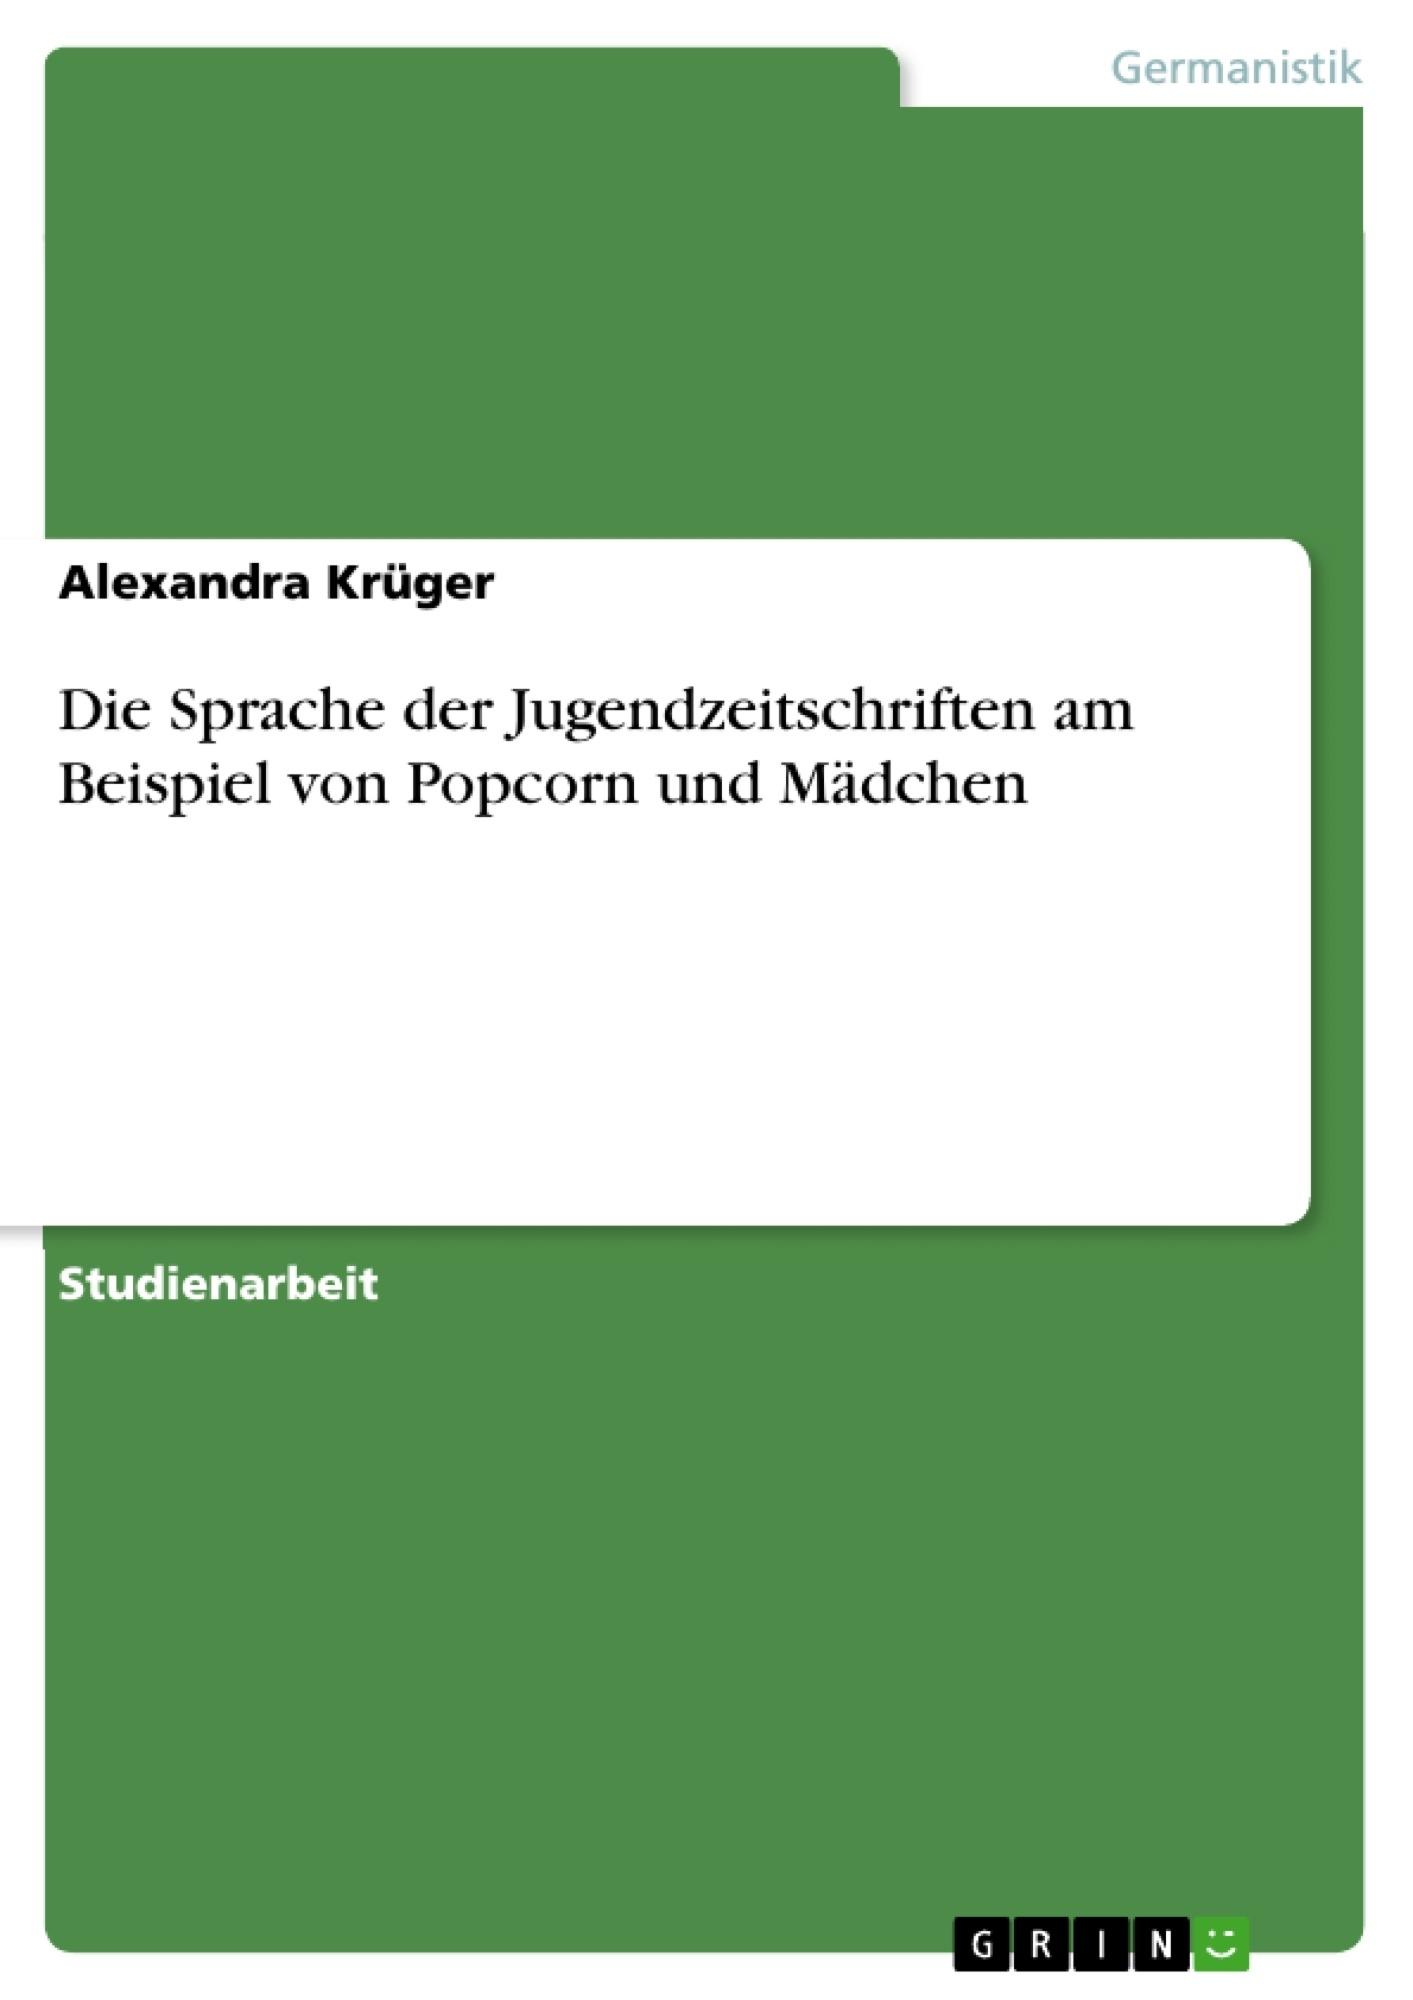 Titel: Die Sprache der Jugendzeitschriften am Beispiel von Popcorn und Mädchen